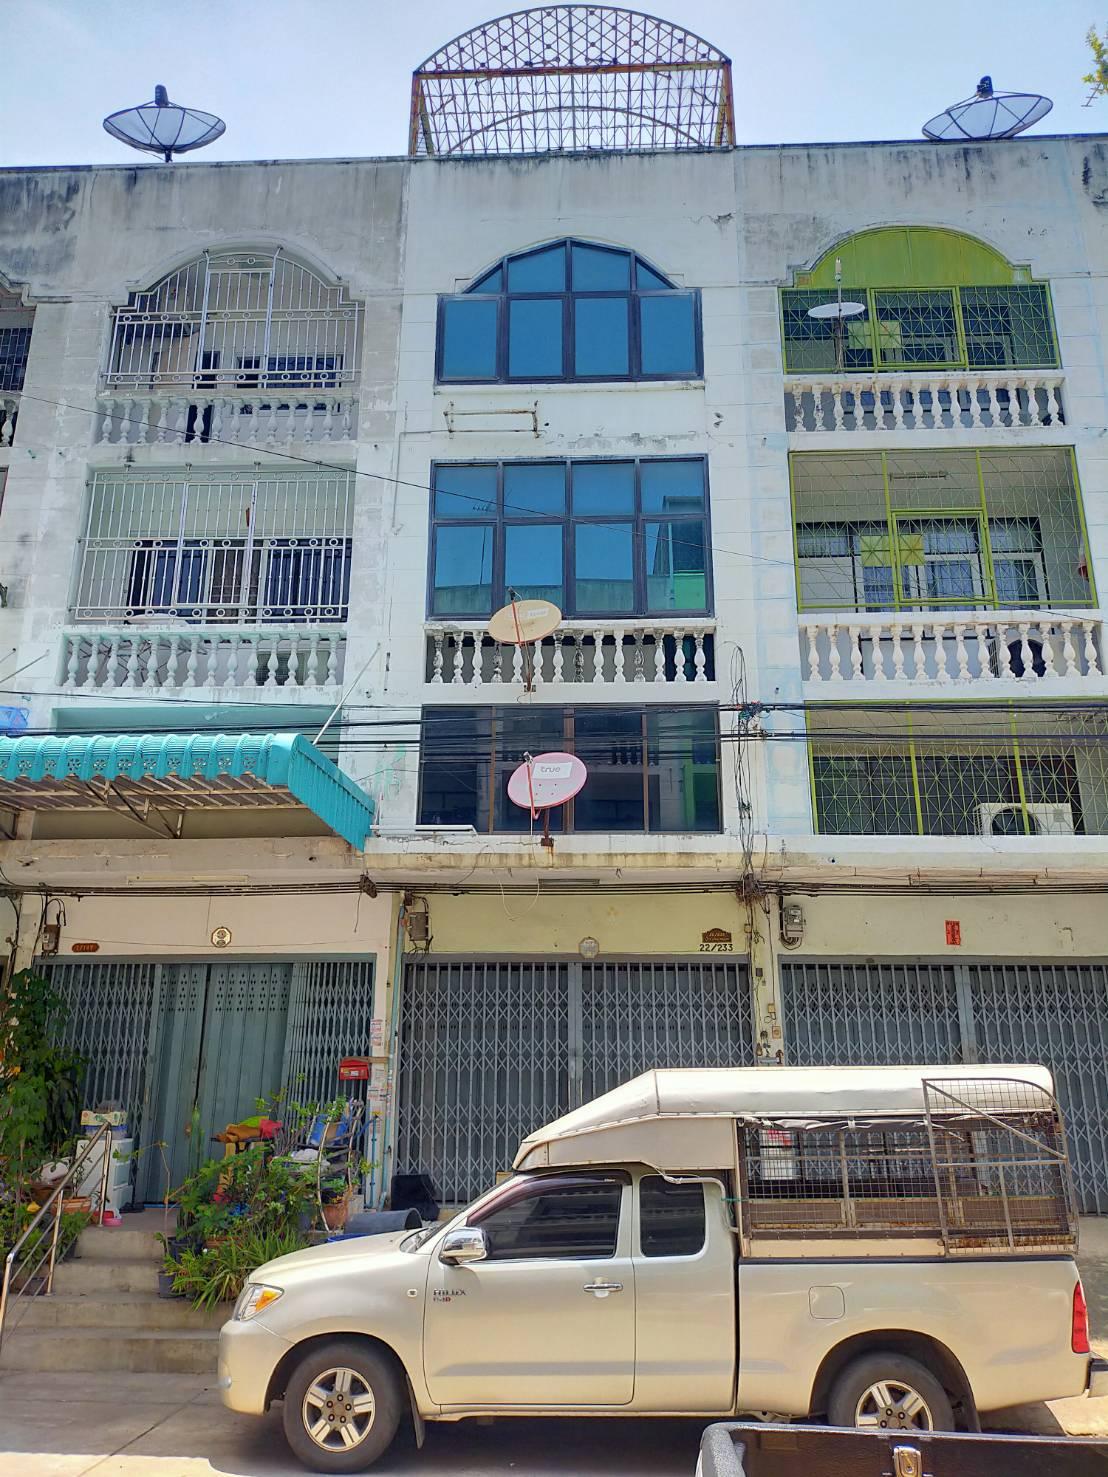 ภาพขายตึกแถว ซอยเอกชัย 66 ใกล้ตลาดสามแยกบางบอน ราคาถูกมาก